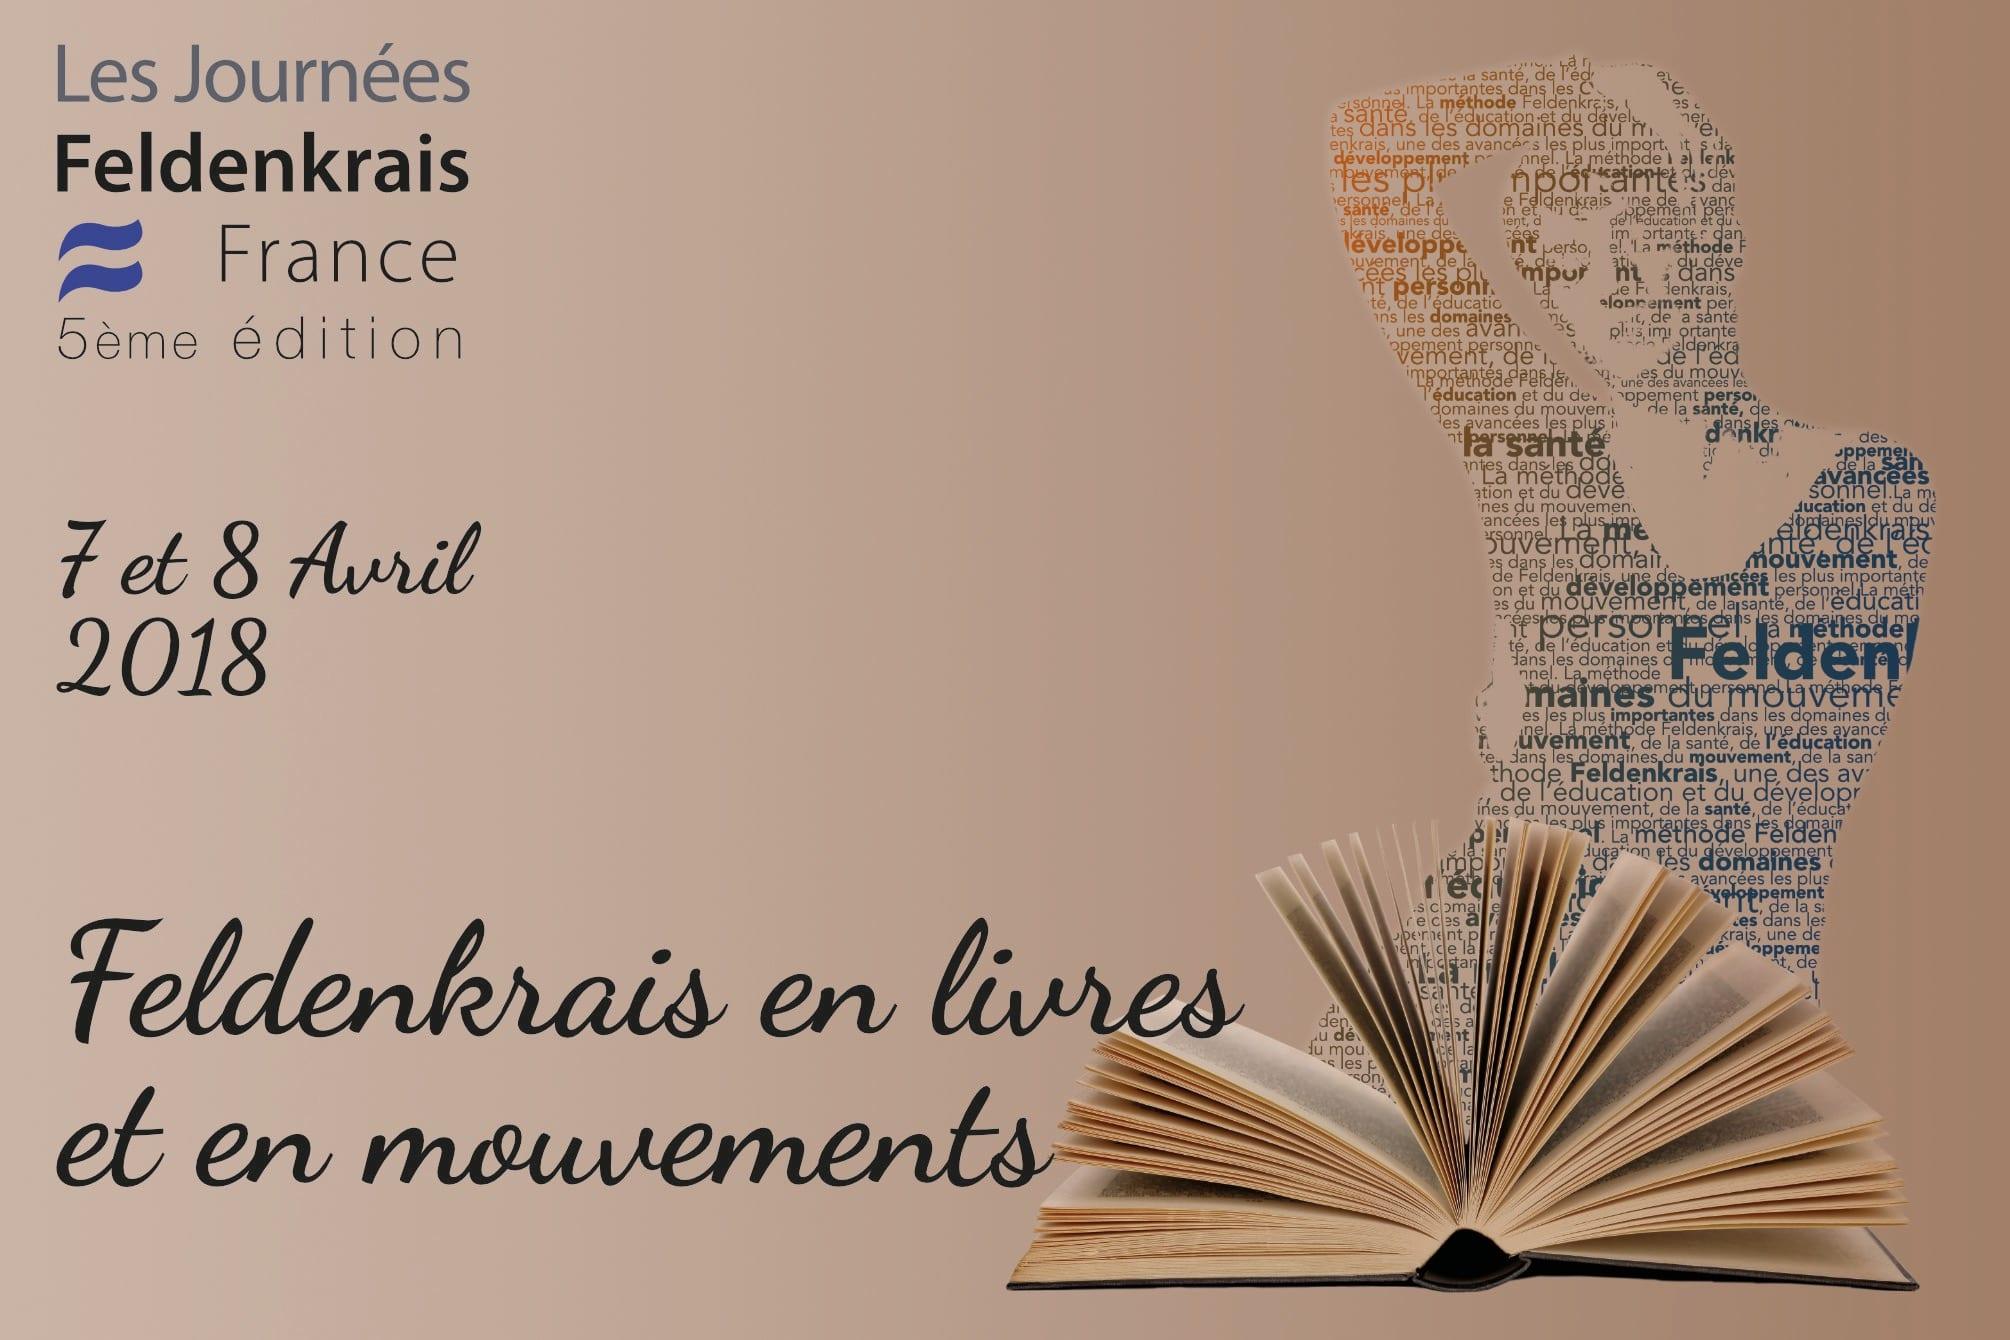 Avril 2018 : Feldenkrais en livres et en mouvements